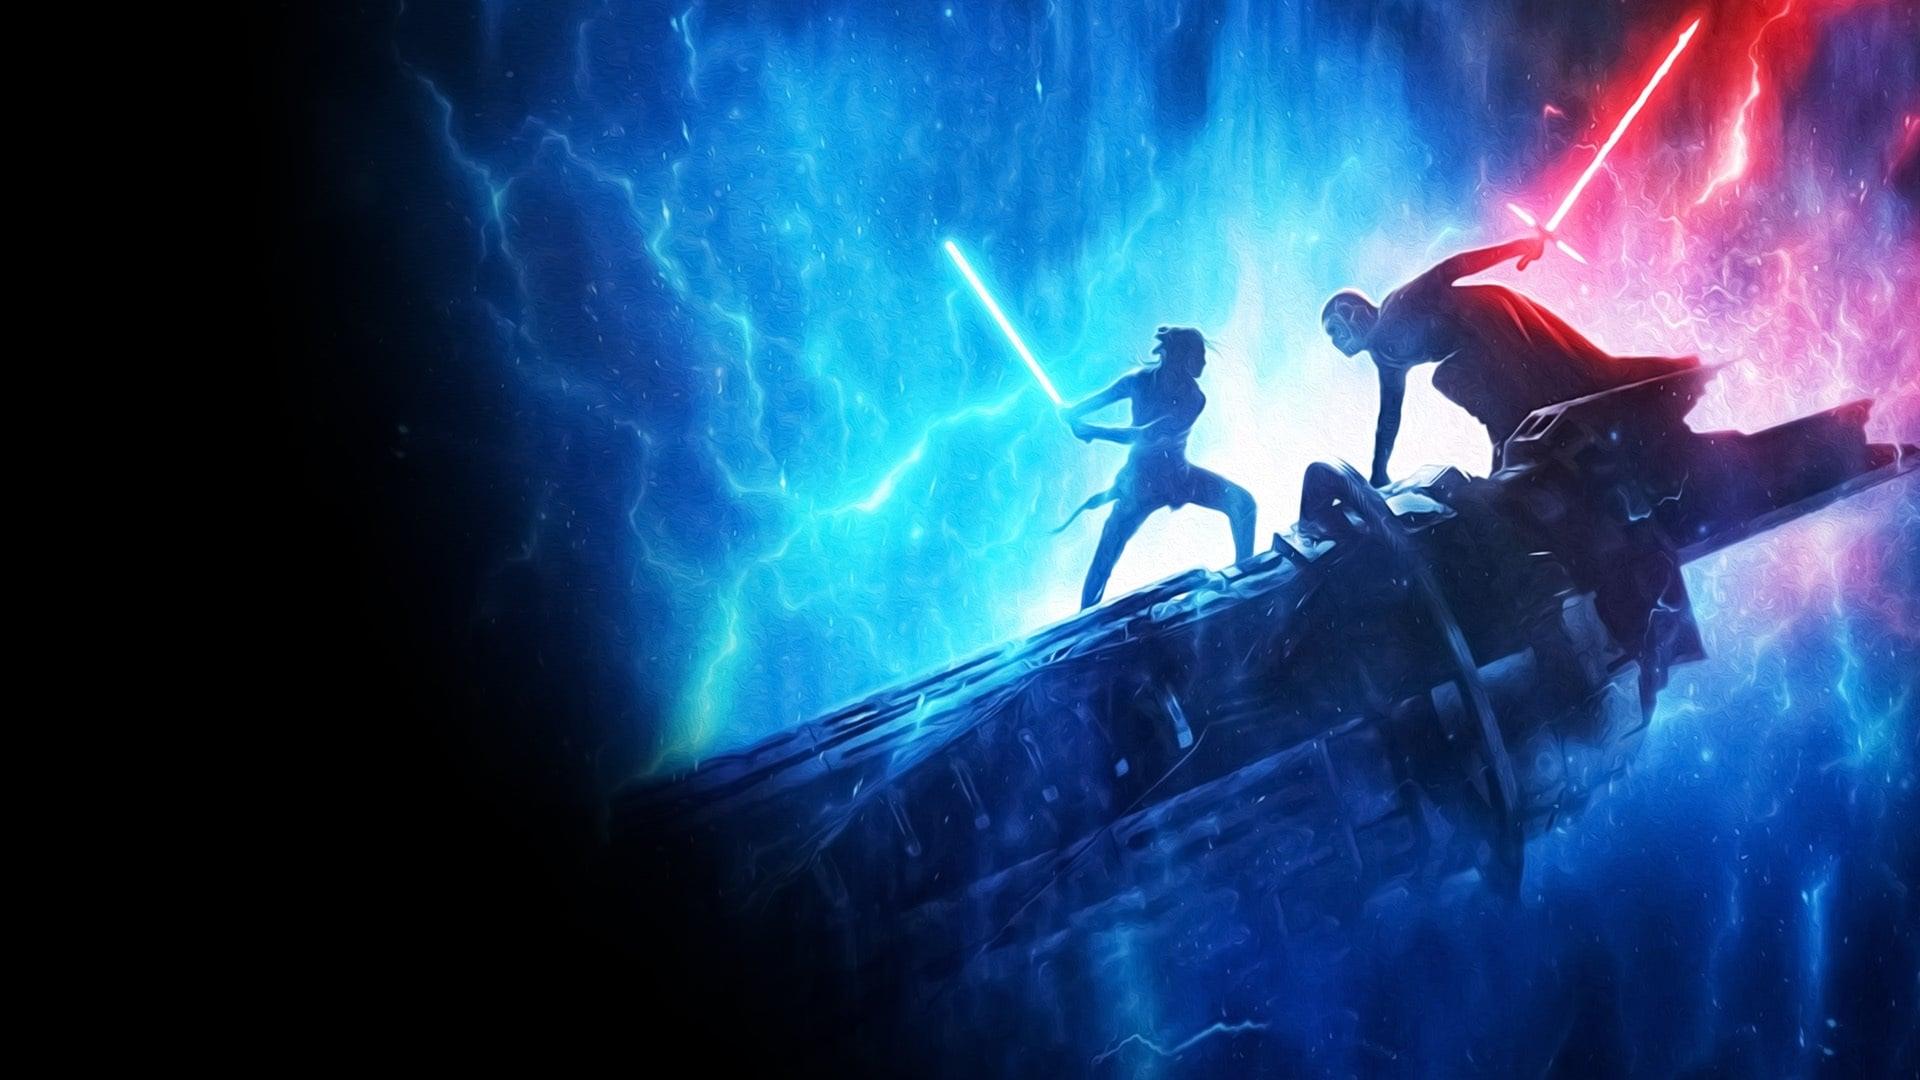 Star Wars – Episodio IX: El ascenso de Skywalker